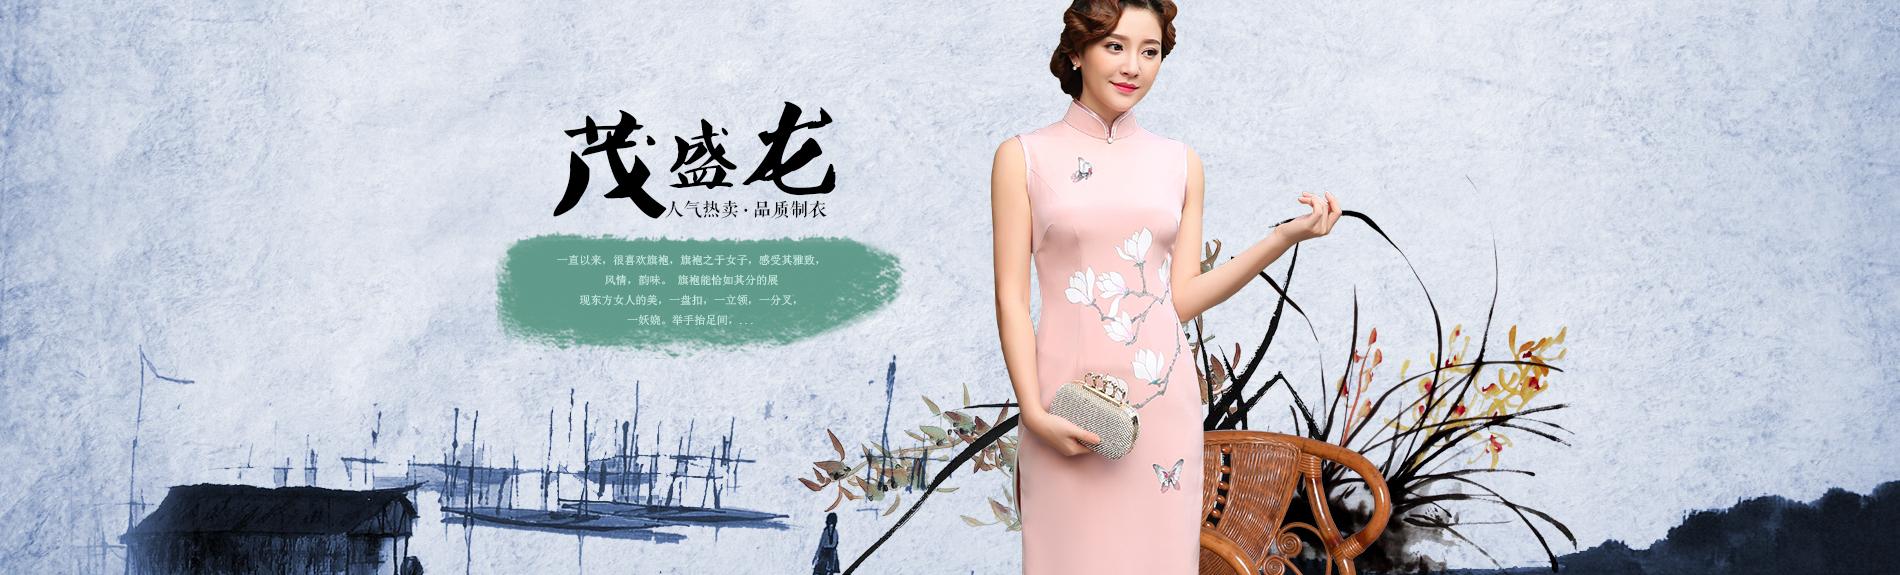 上海茂盛龙洋服有限公司